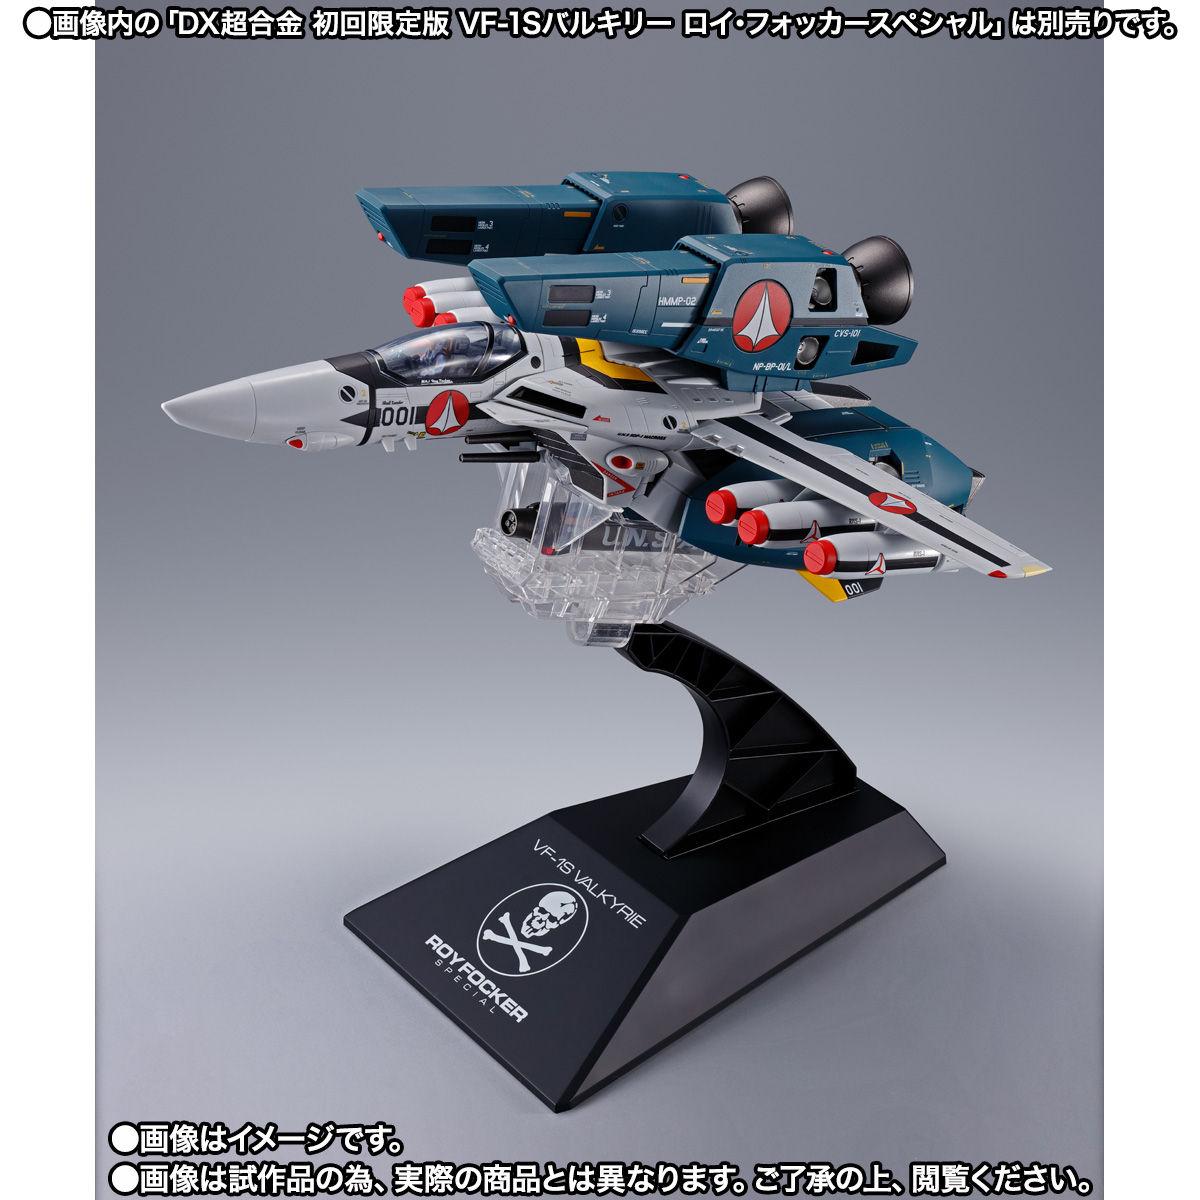 【限定販売】DX超合金『TV版VF-1対応スーパーパーツセット』オプションパーツ-002